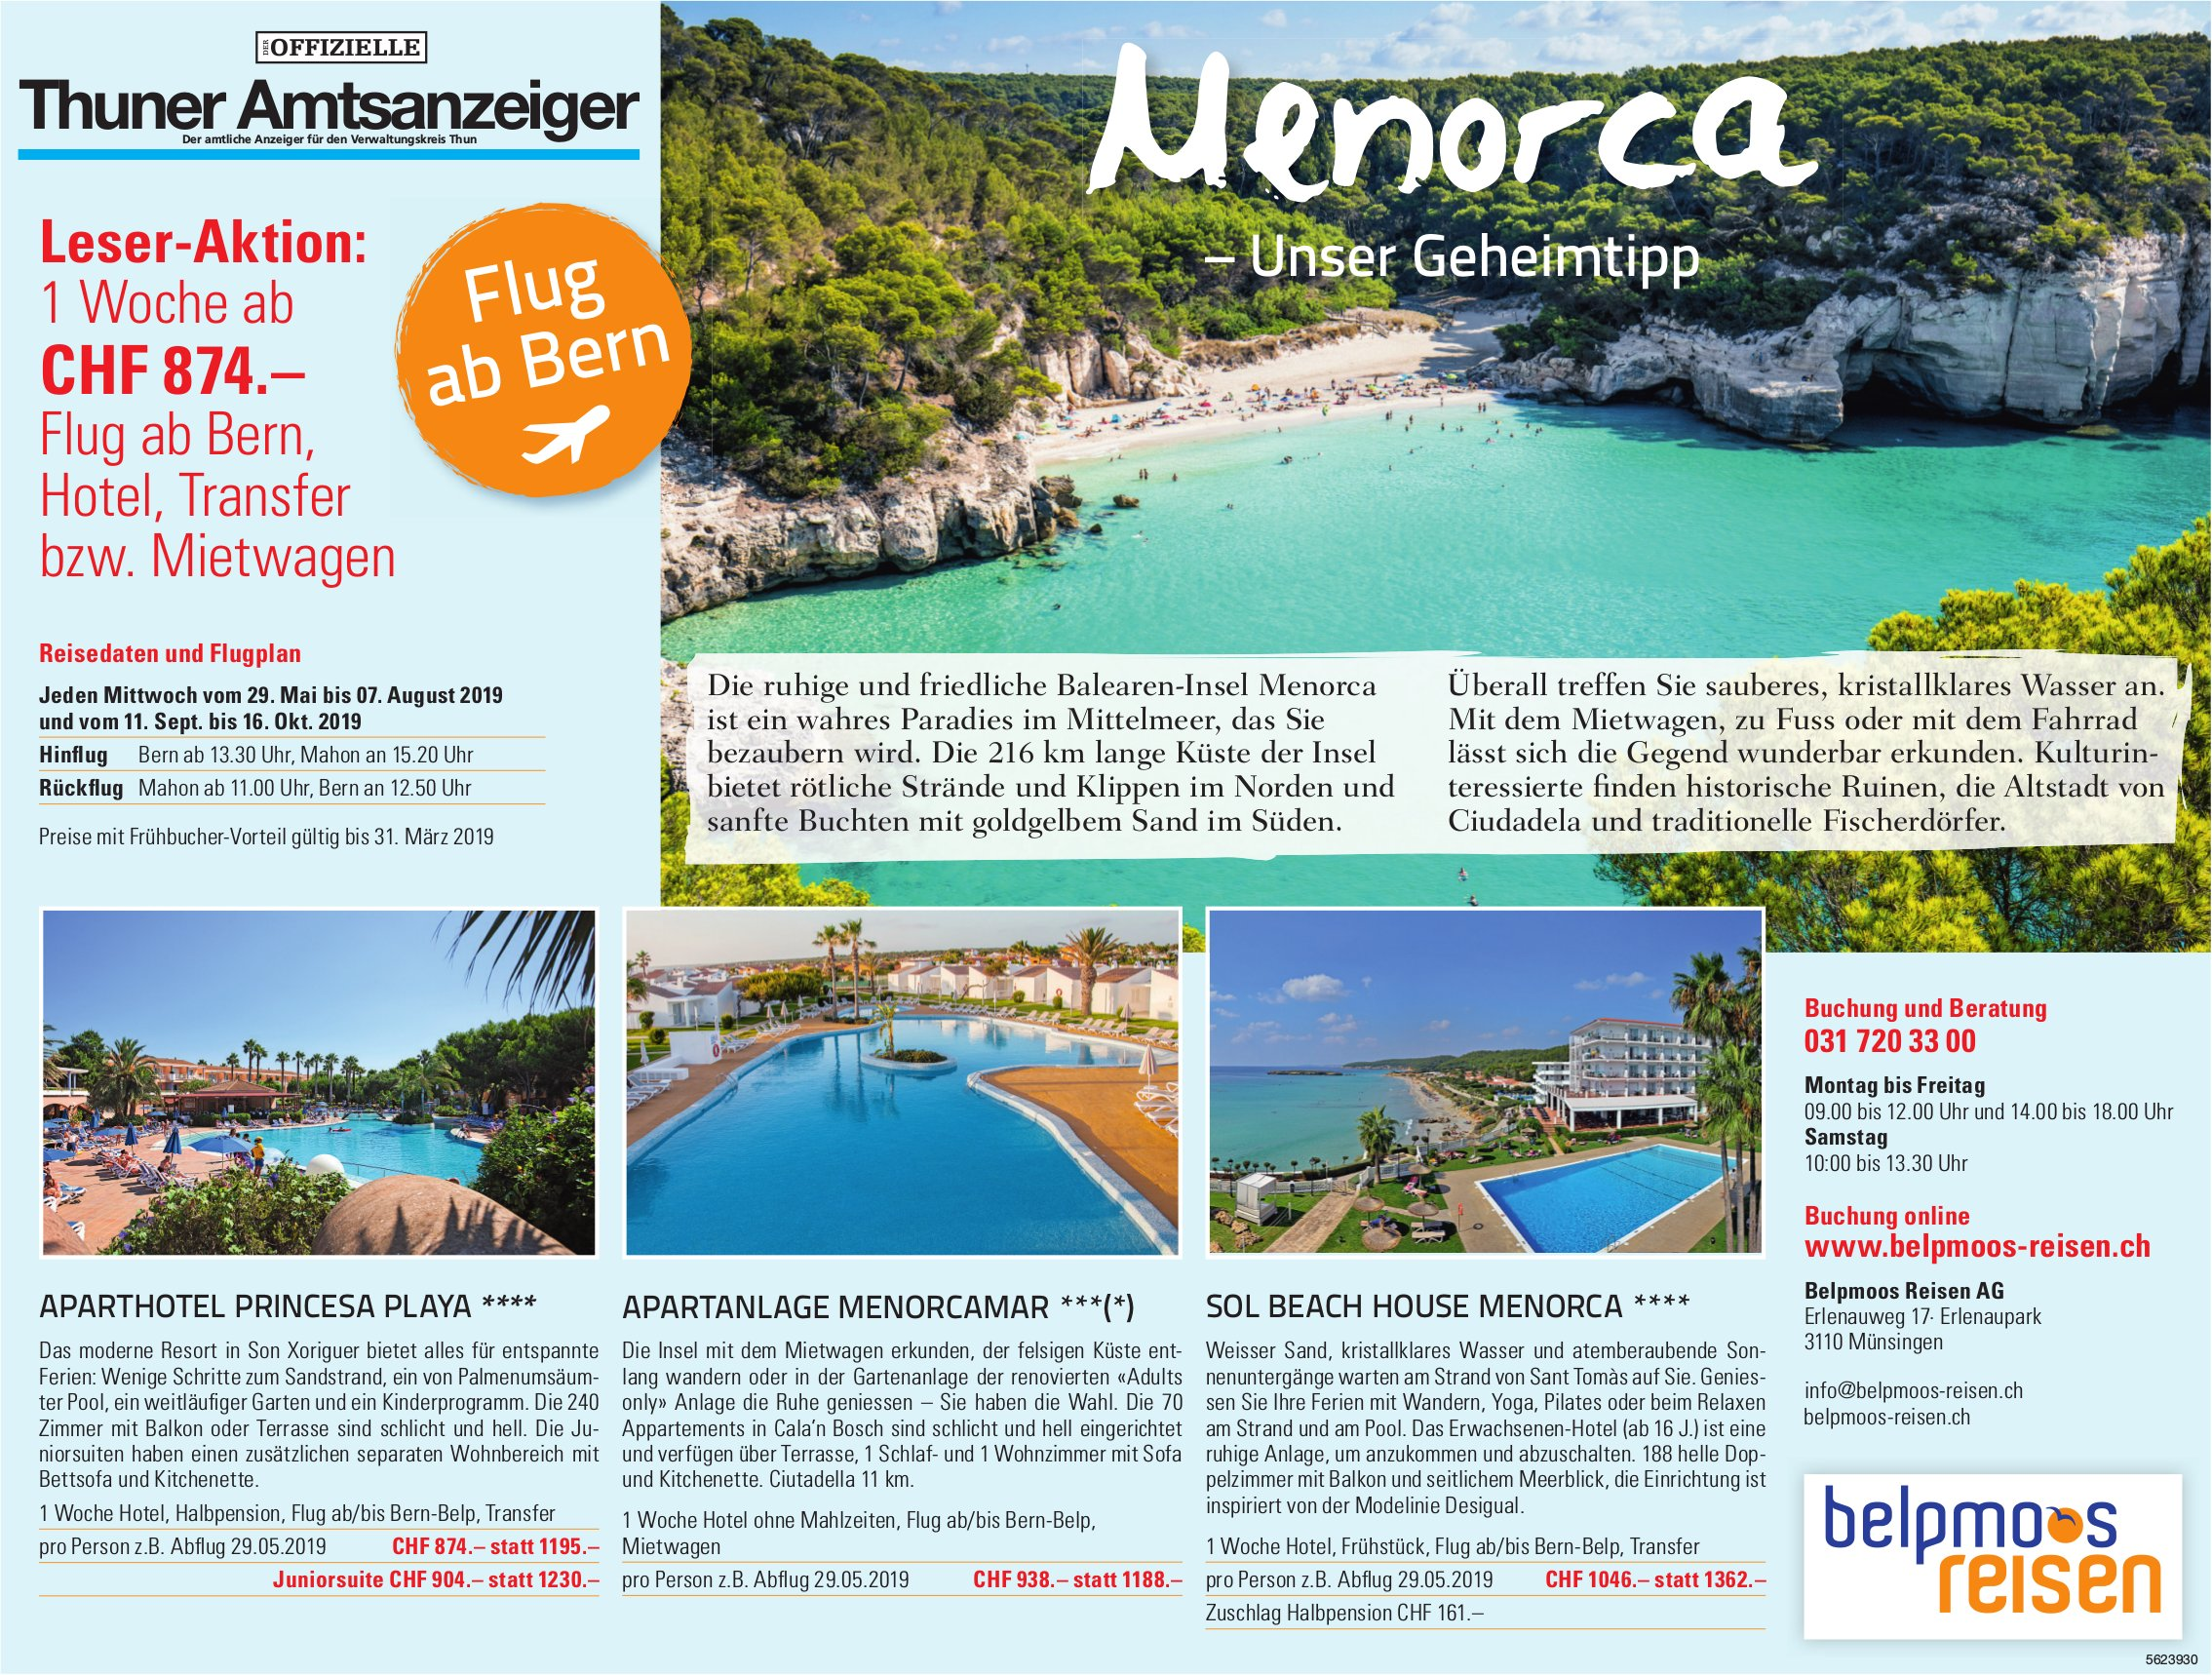 Leser-Aktion - Menorca, unser Geheimtipp